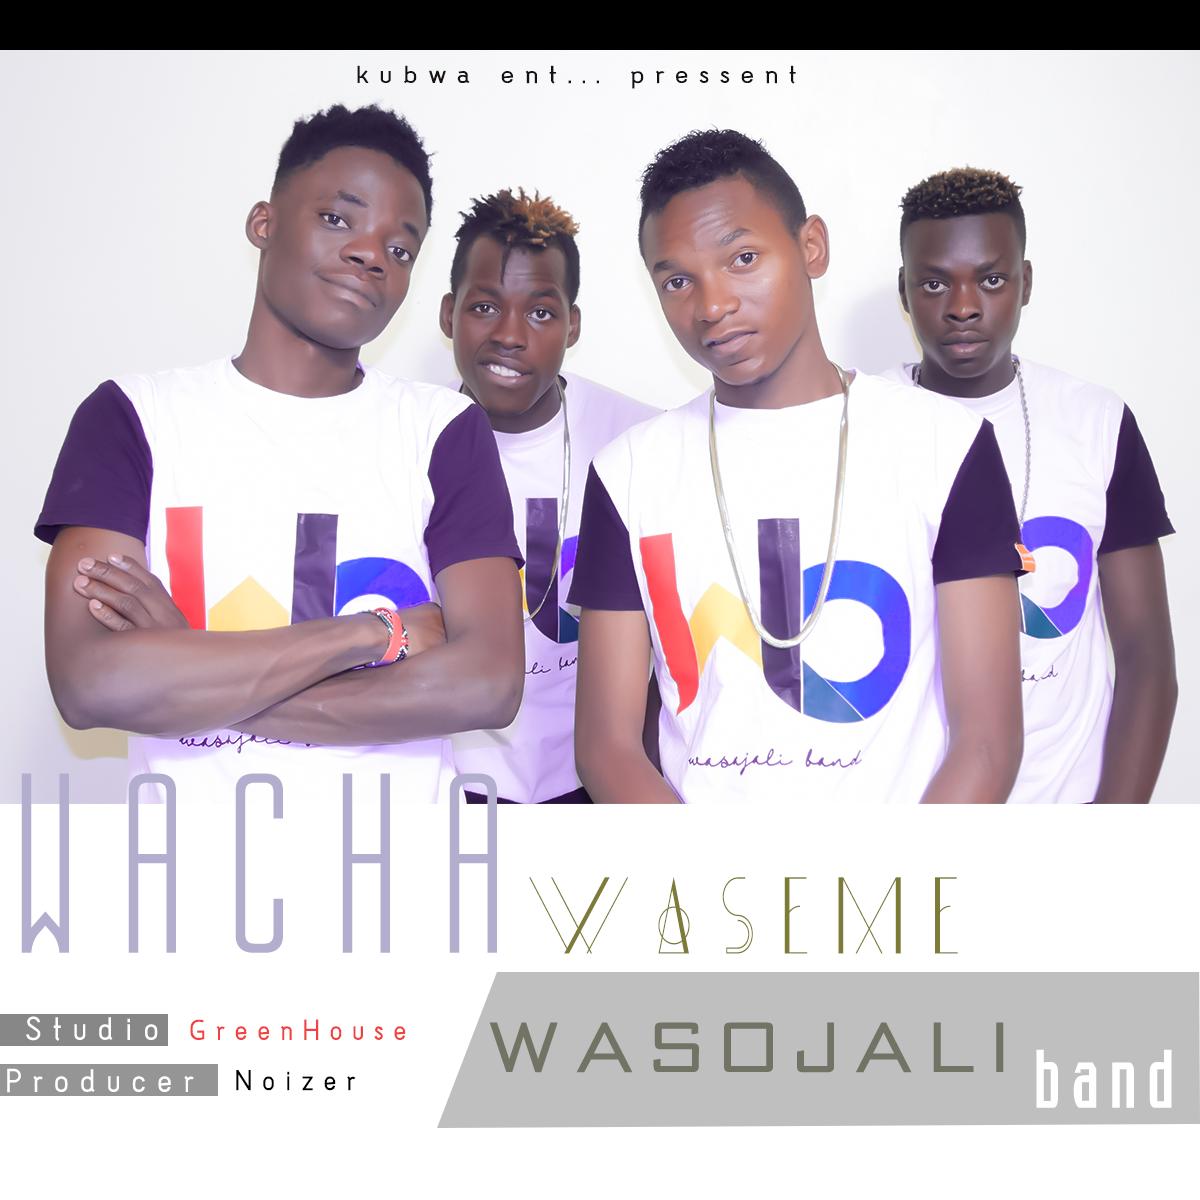 Wasojali Band - Sina Bahati